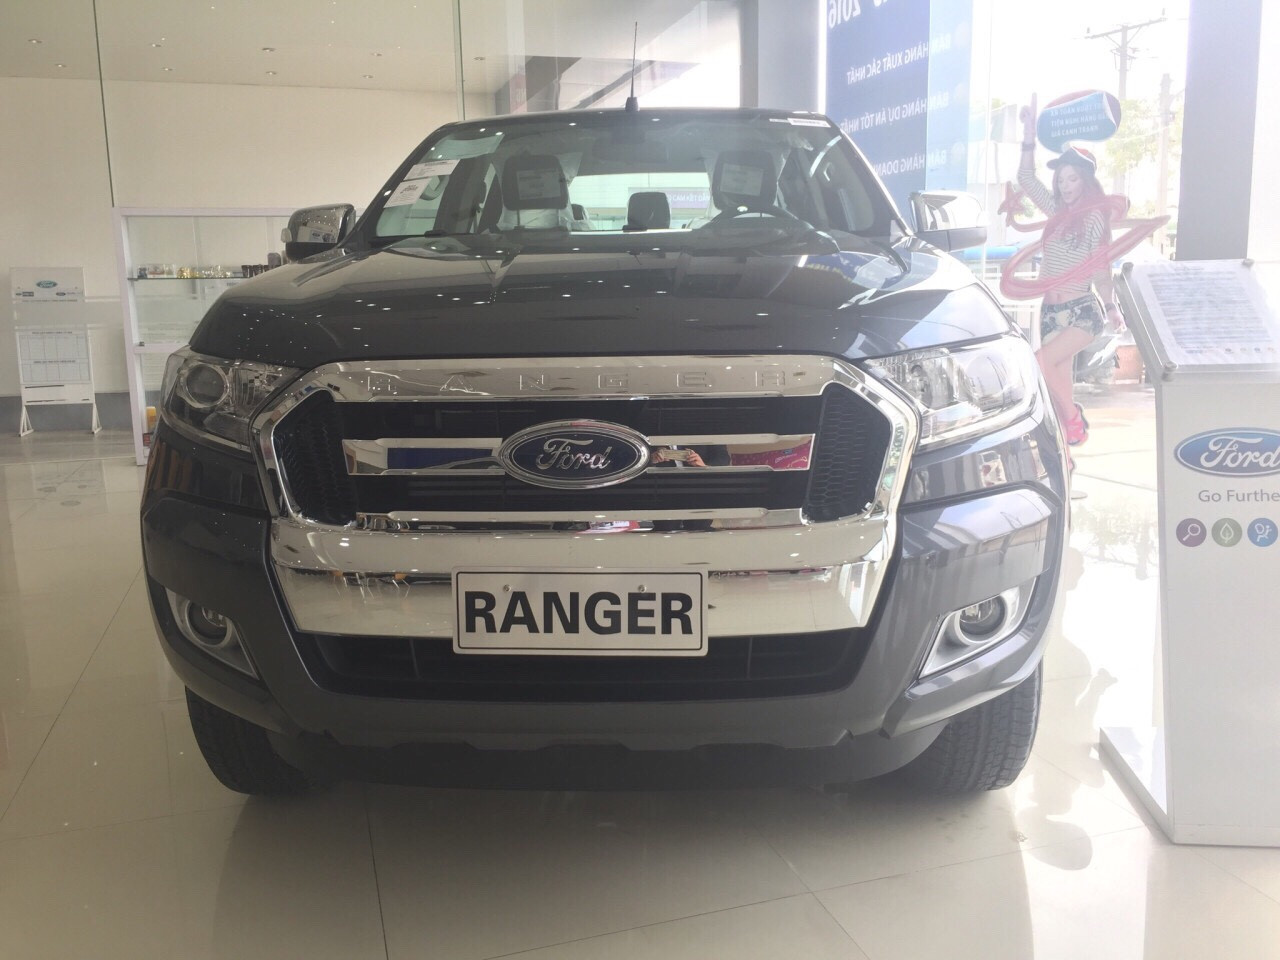 Ford Ranger XLT MT 2.2L 4×4 20208